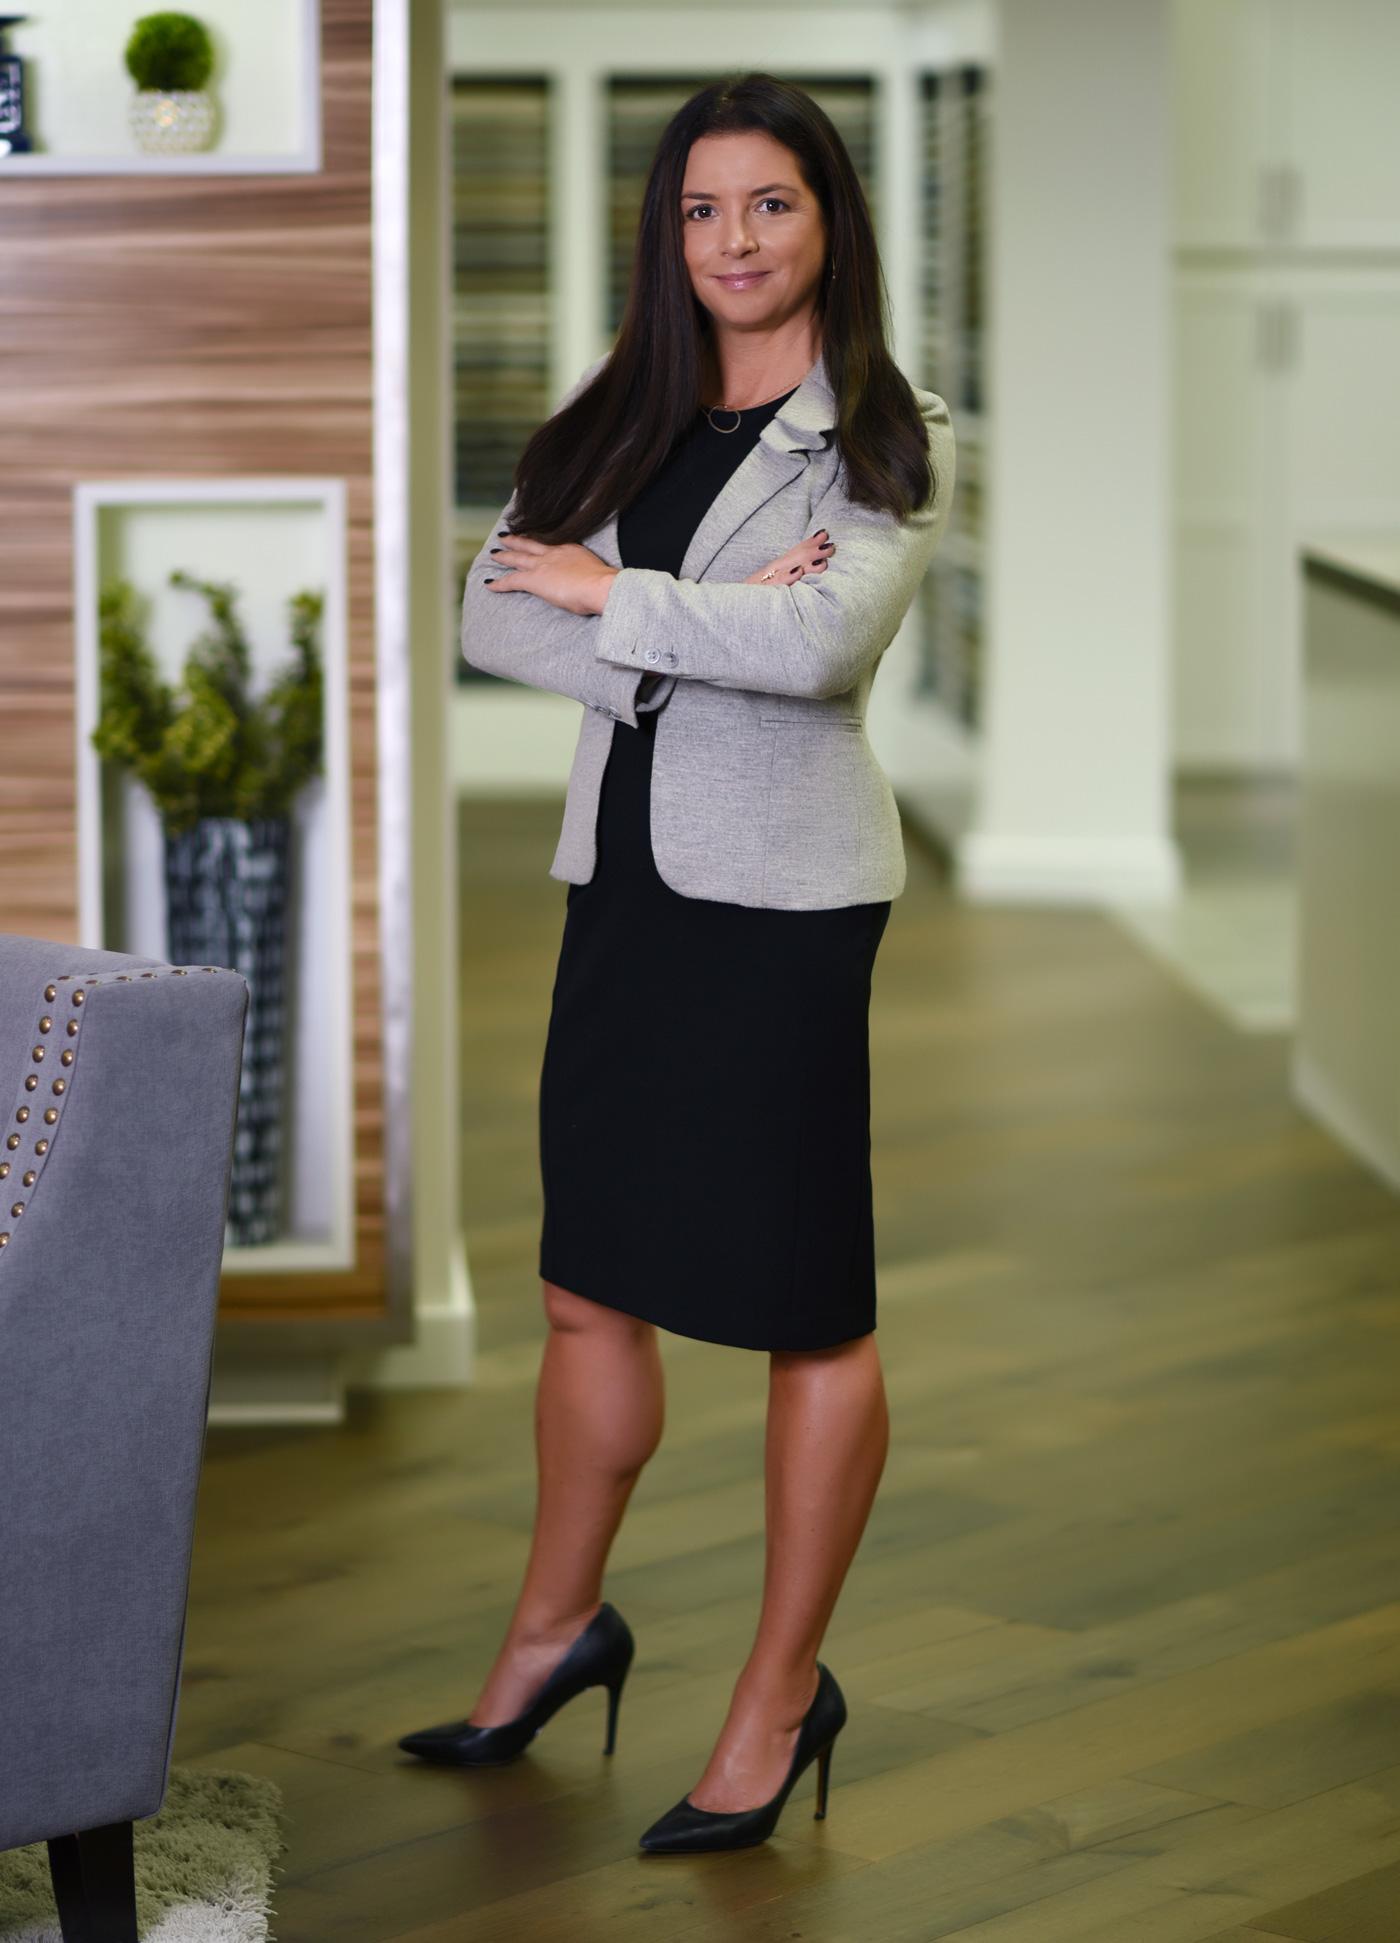 Helen Rettberg